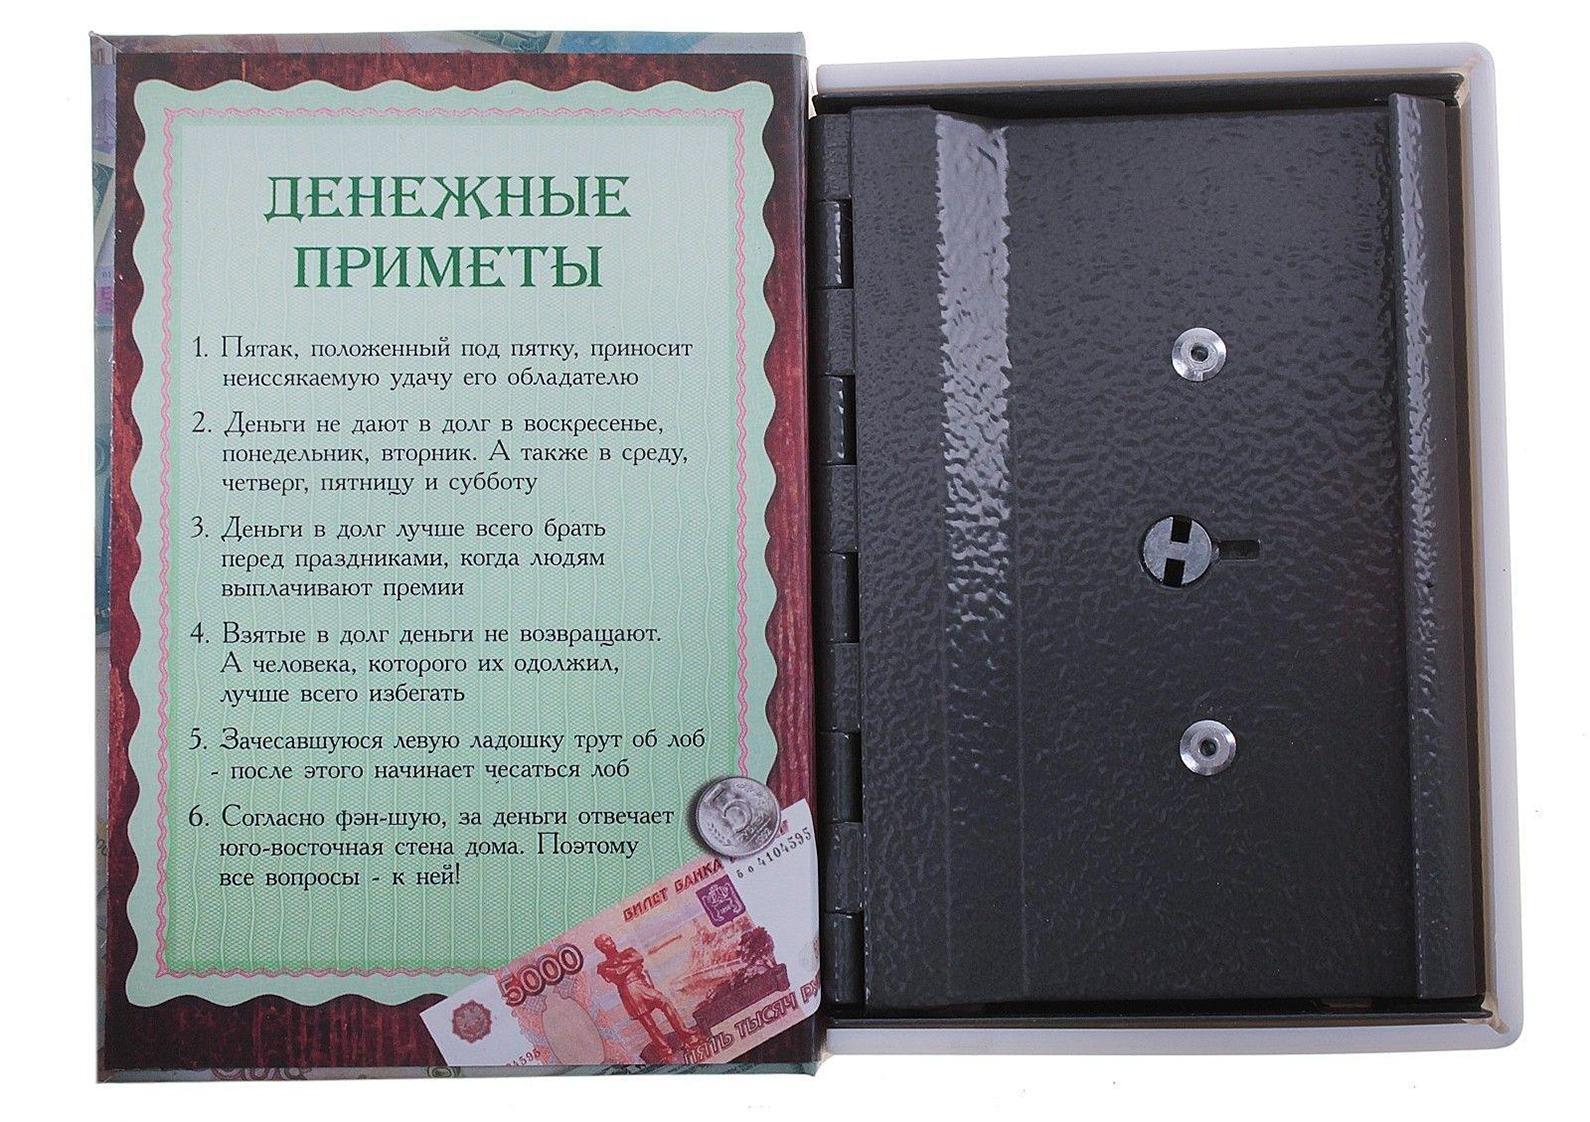 Тексты к подаркам деньги